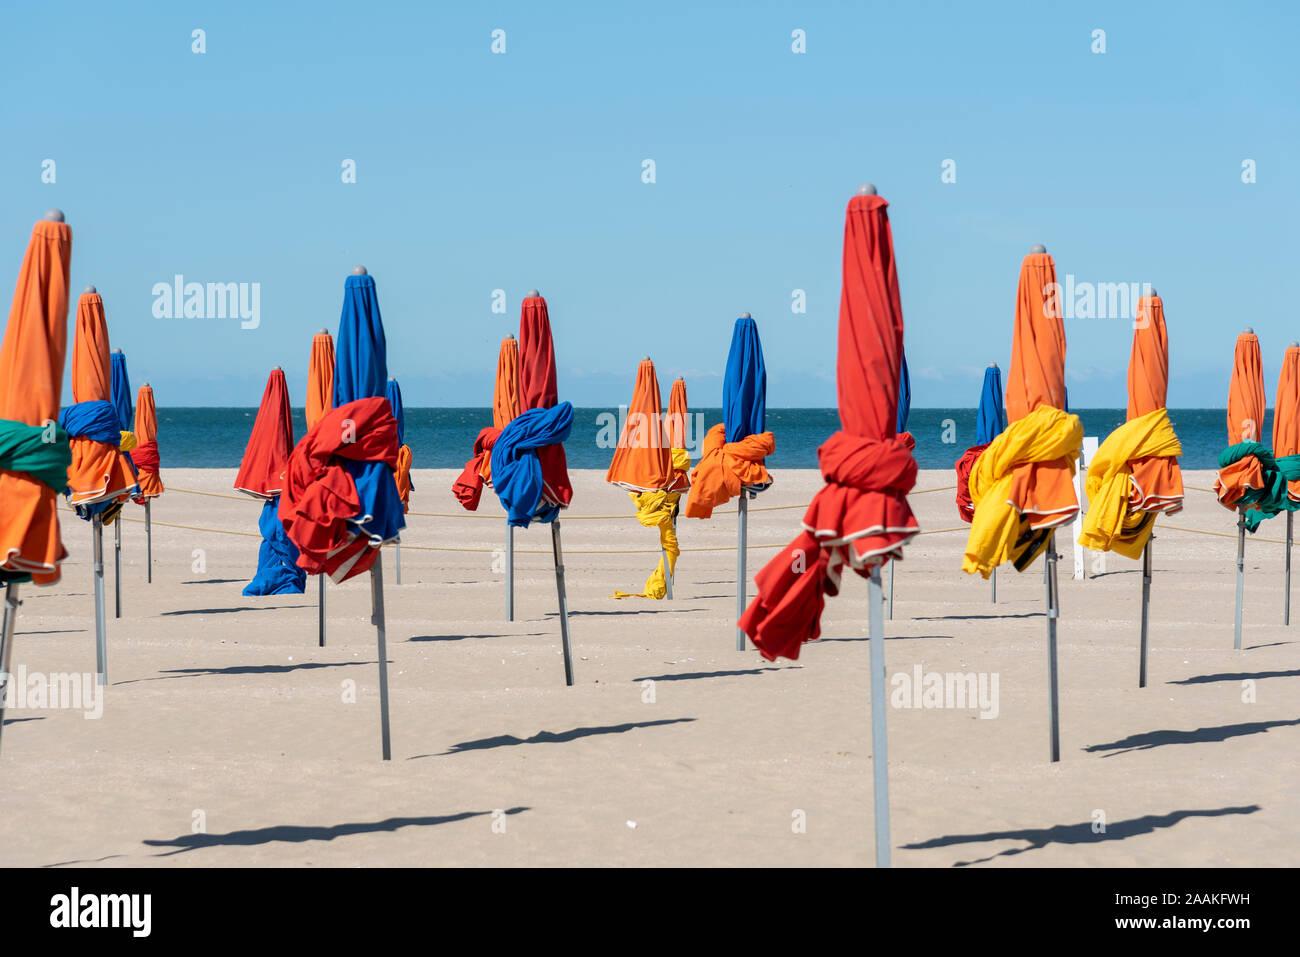 Sonnenschirme am Strand von Deauville, Normandie, France Stock Photo